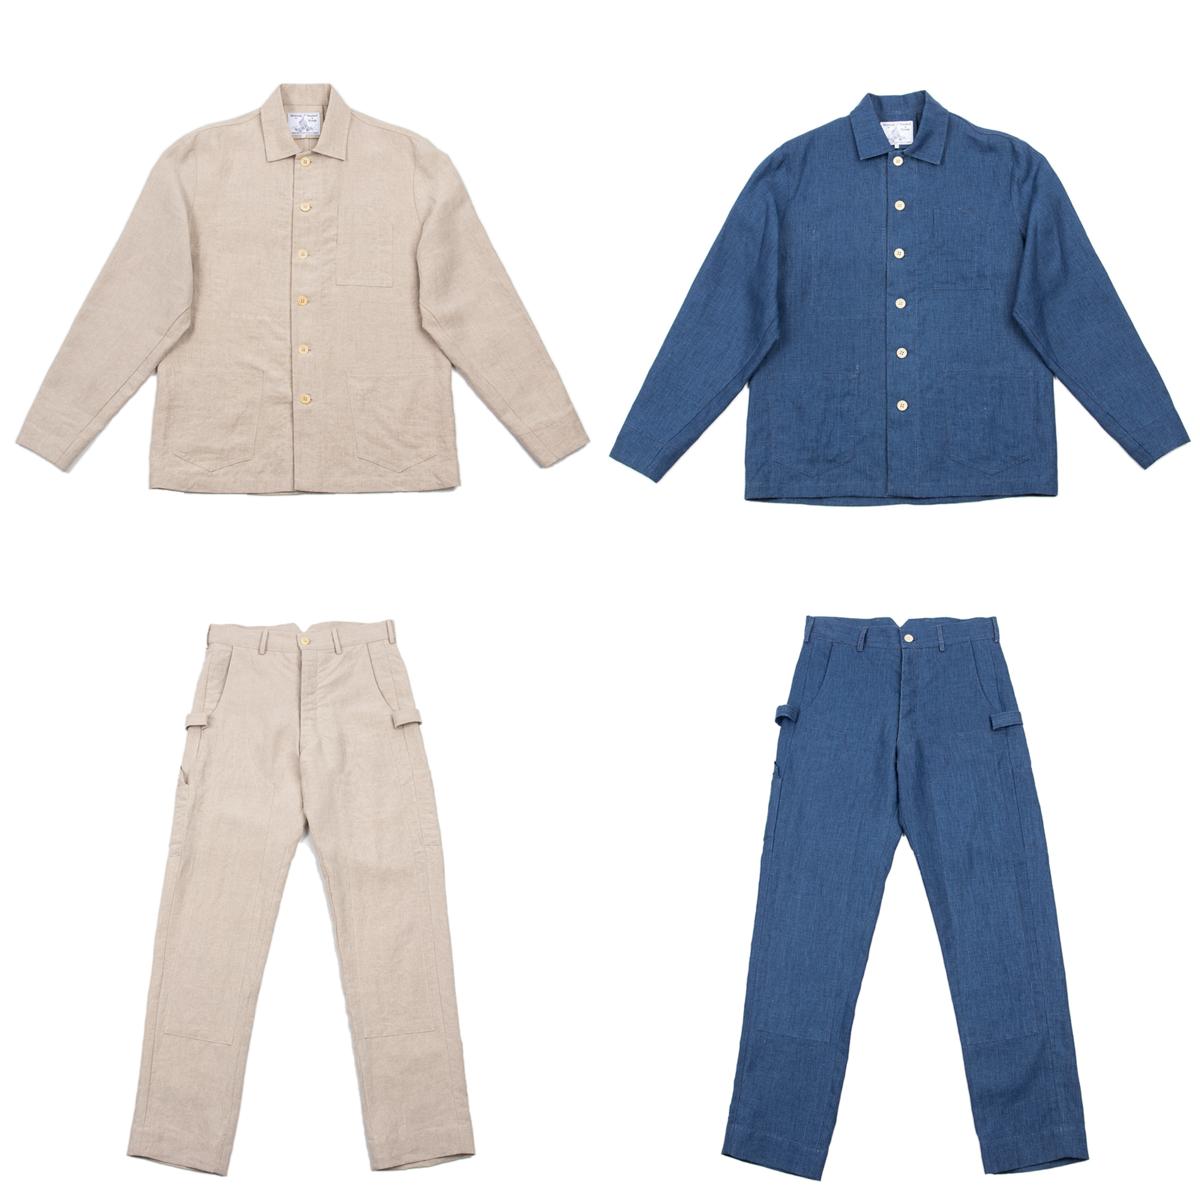 Blluemade - Blluemade x S&S Garden Suits- Grid-Flat-01.png